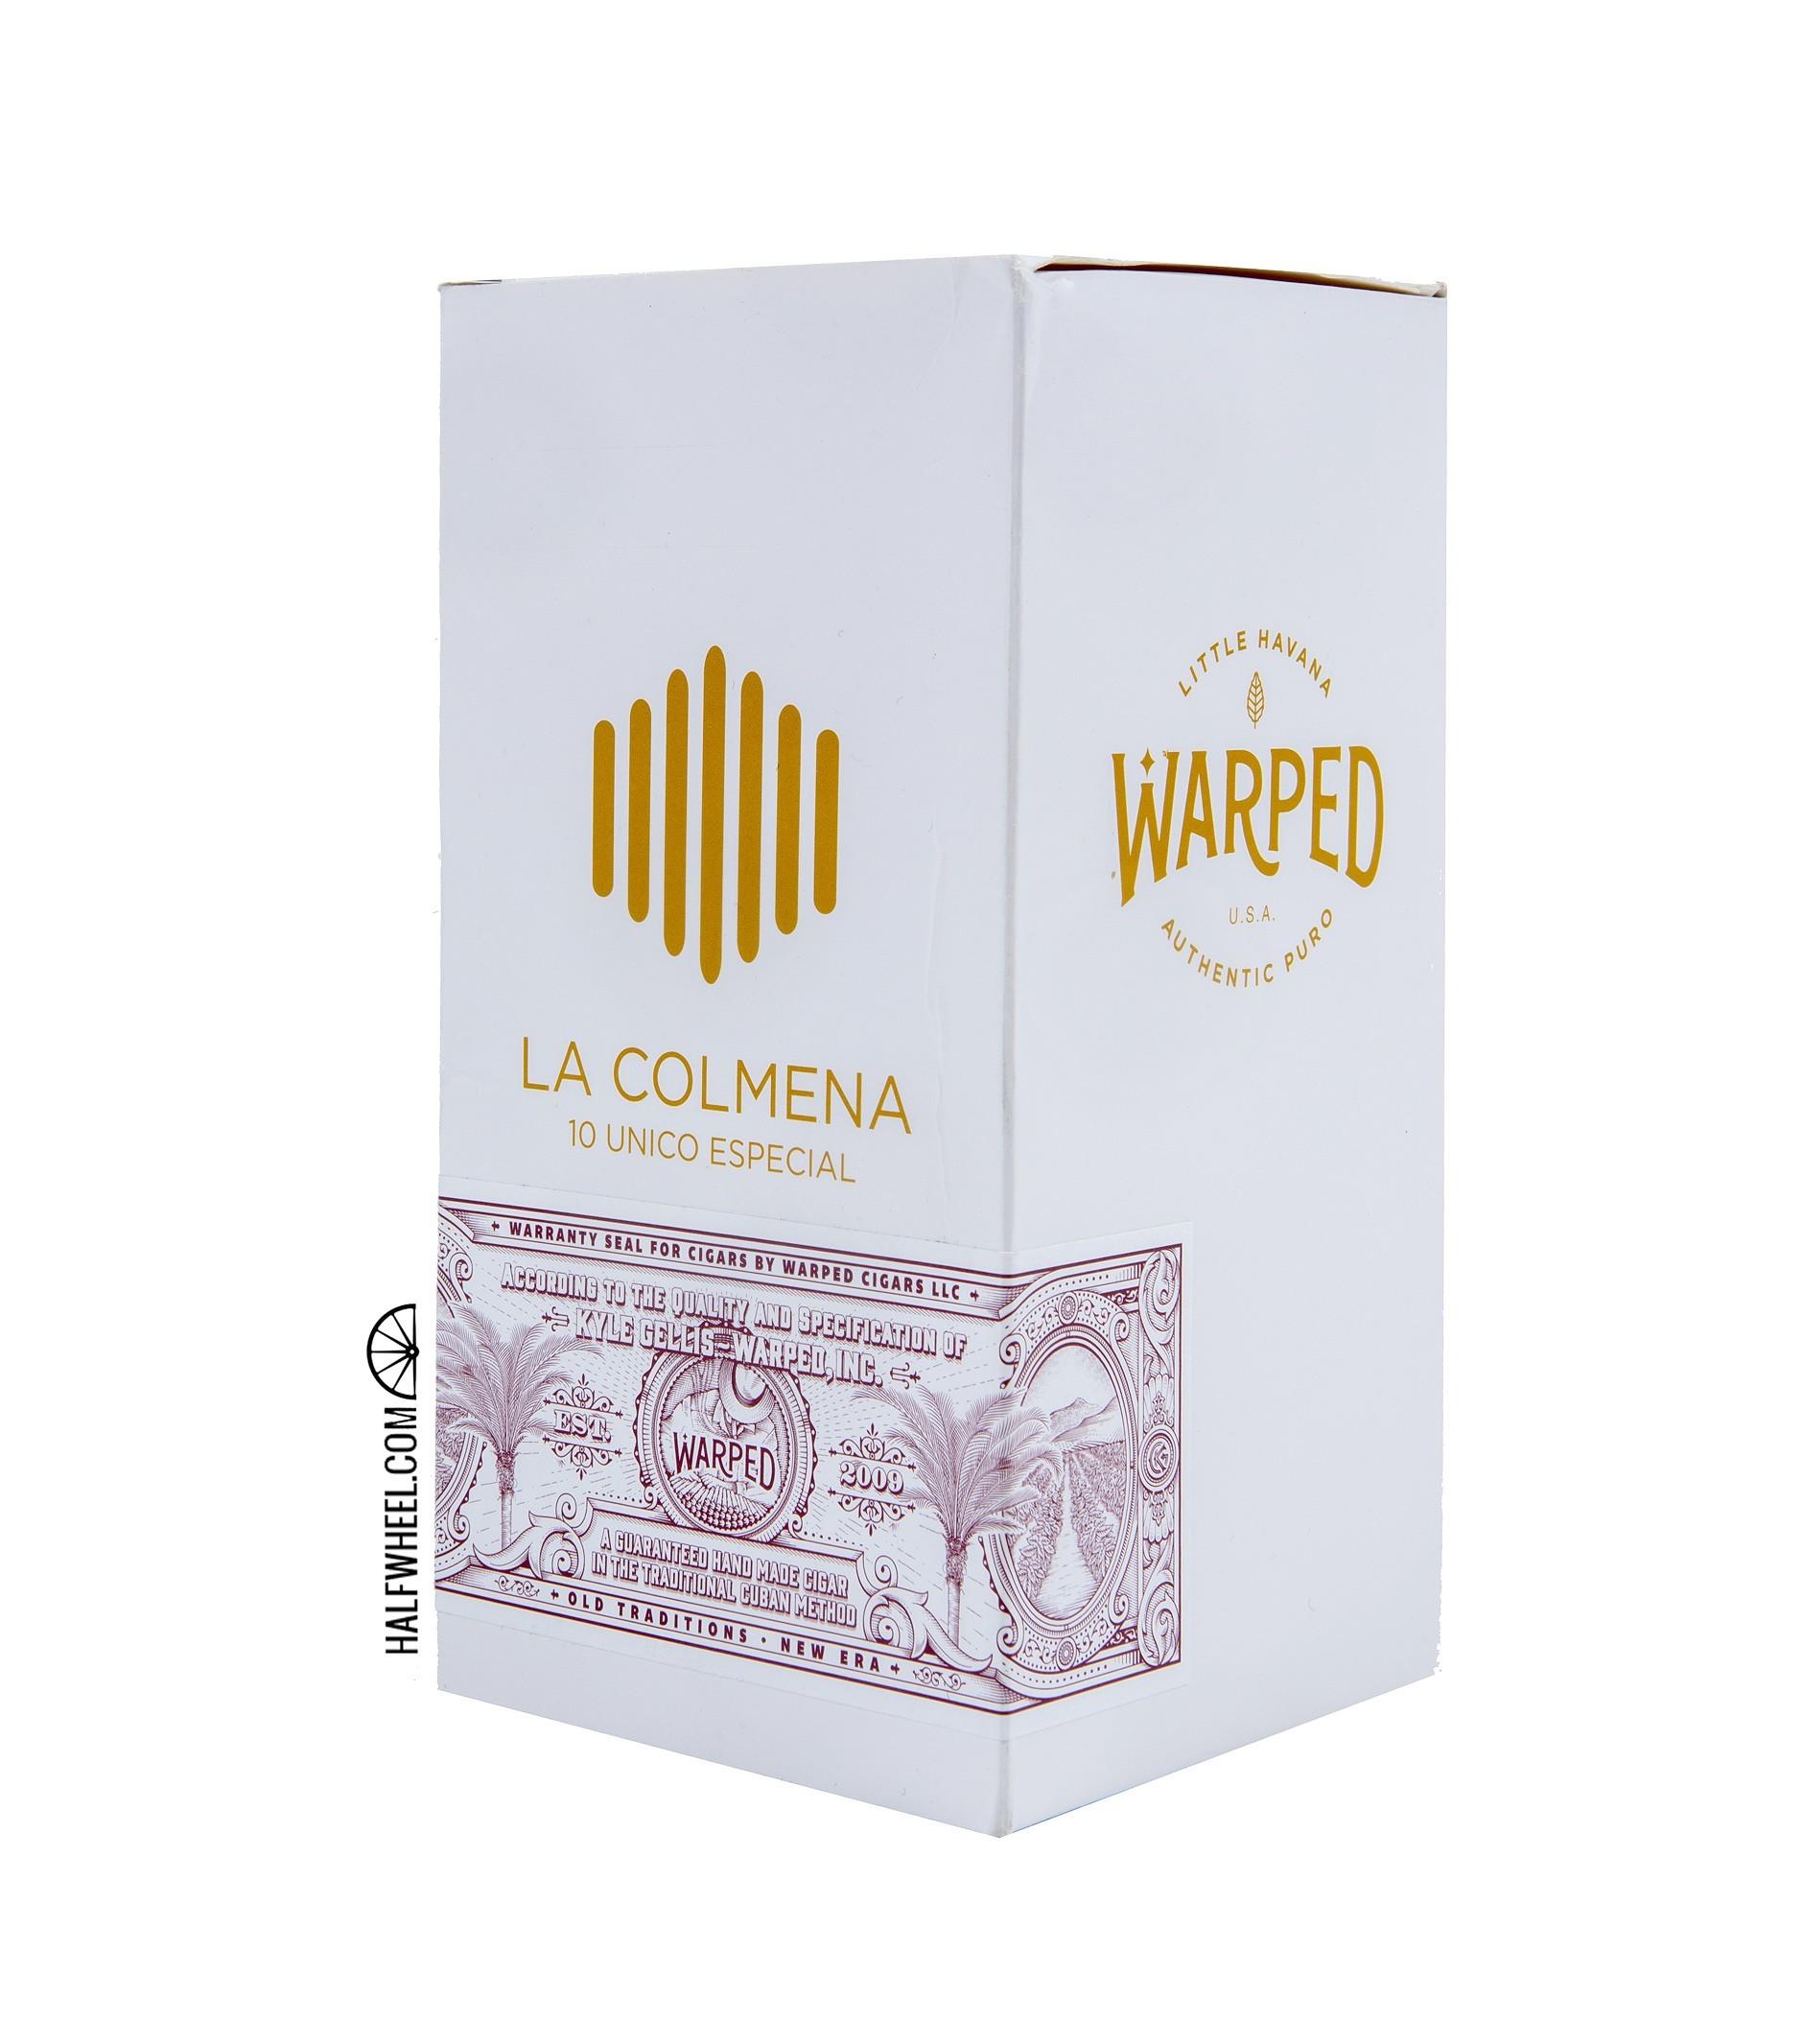 La Colmena Unico Especial Box 1